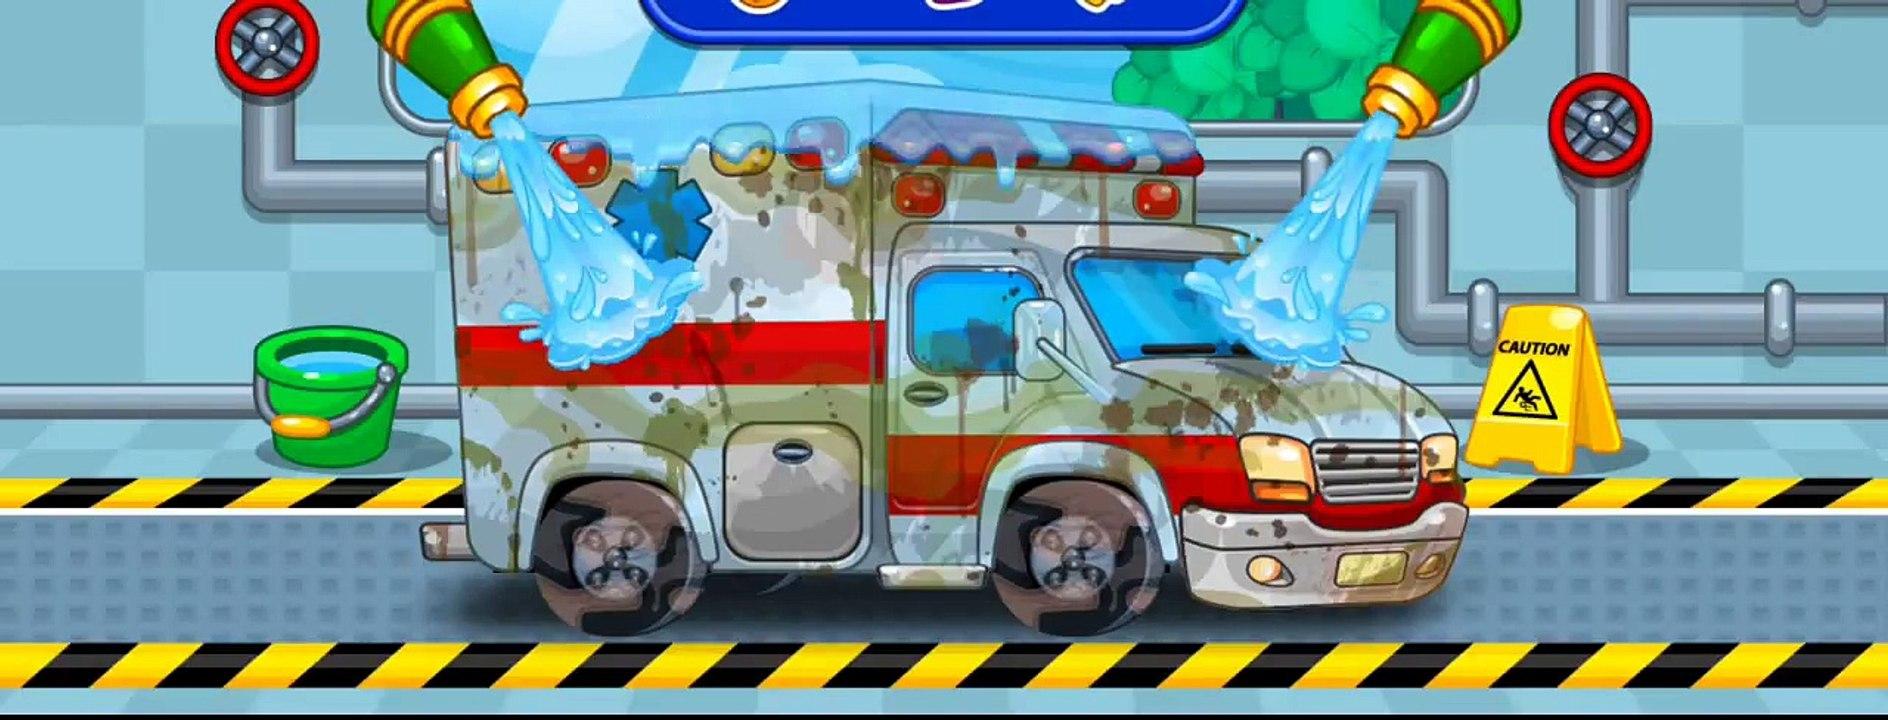 Araba Yıkama Boyama Oyunu Eğlenceli çocuk Filmi Ambulans Taksi Jeep Kamyon öğretici Oyun